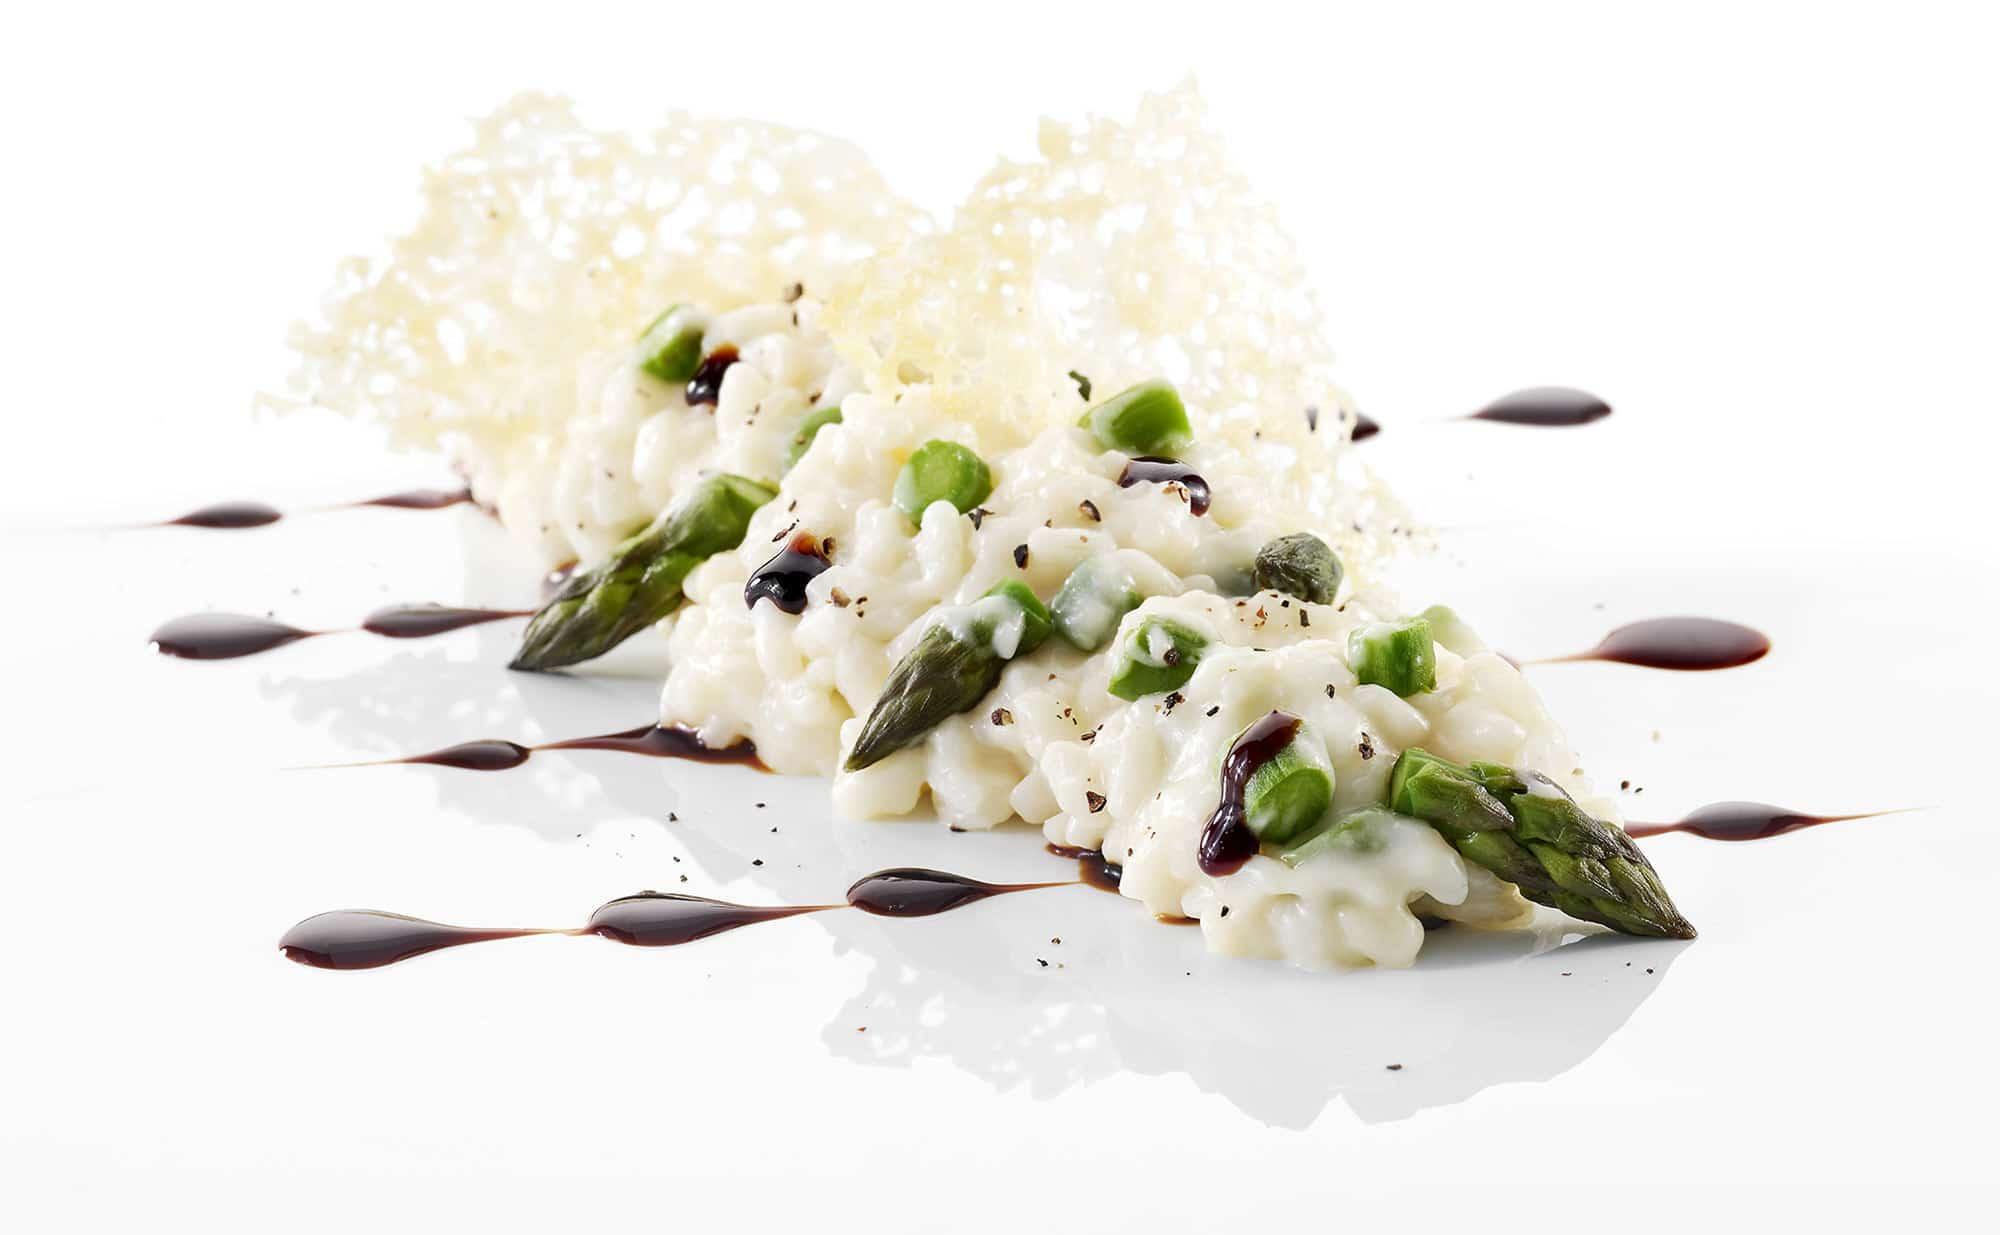 Mazzetti Aceto Balsamico Food Risotto Parmigiano Shot by Fotografando